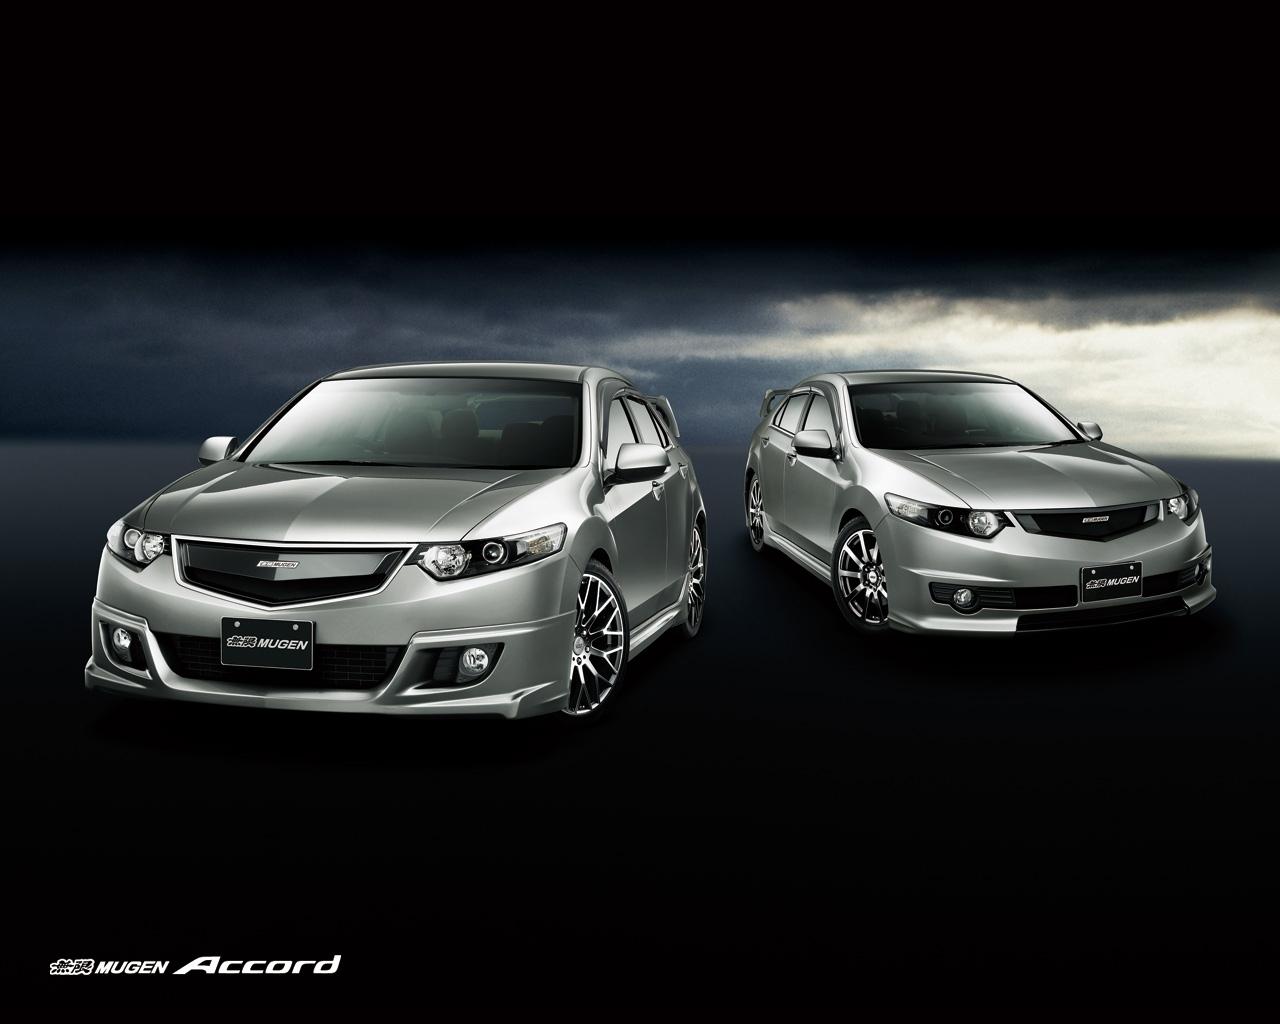 5017 скачать обои Транспорт, Машины, Хонда (Honda), Аккорд (Accord) - заставки и картинки бесплатно